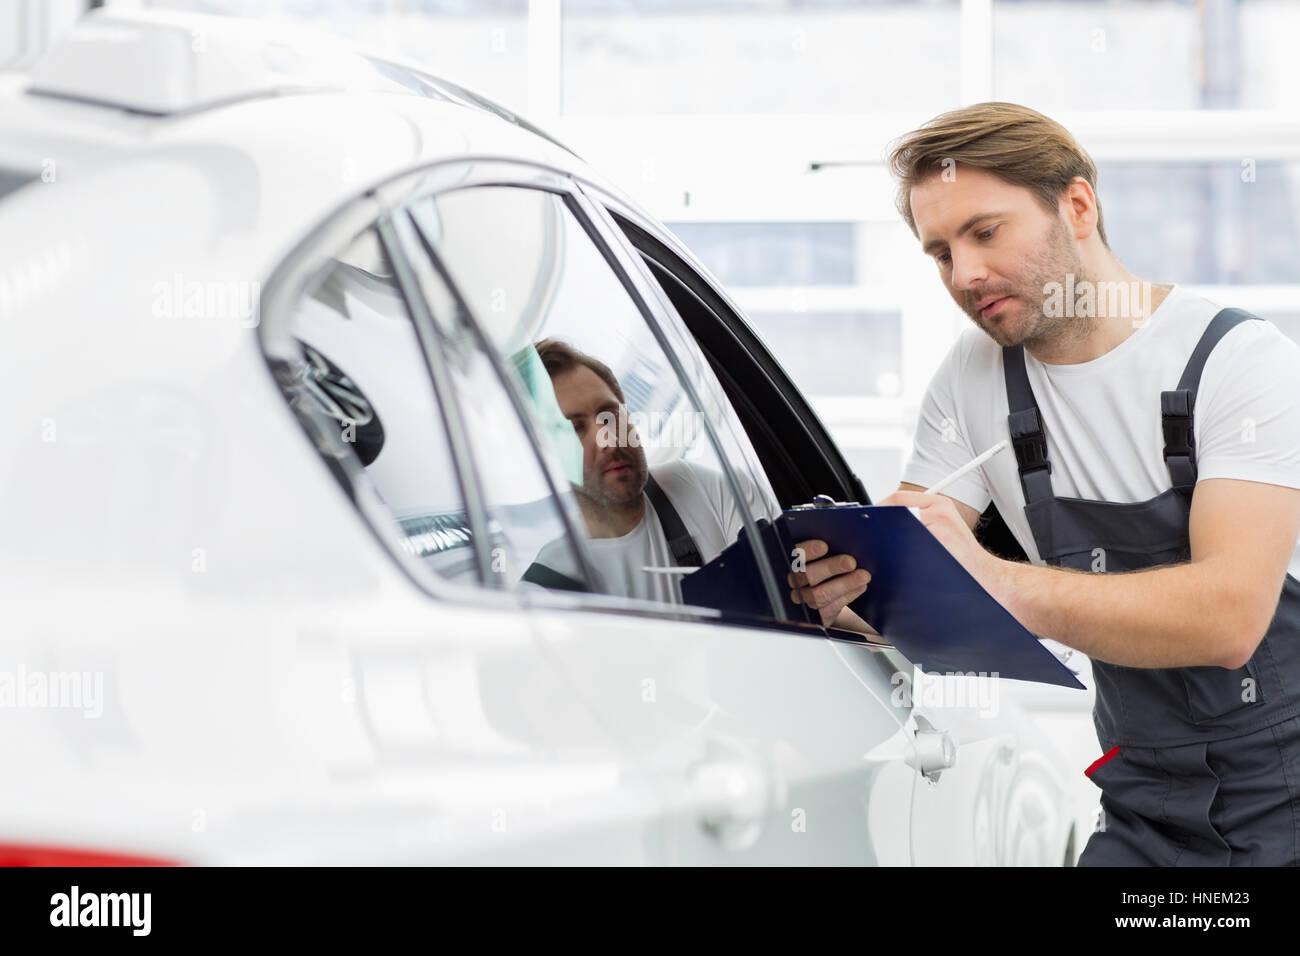 Automechaniker während der Prüfung Auto Reparaturwerkstatt in Zwischenablage schreiben Stockbild